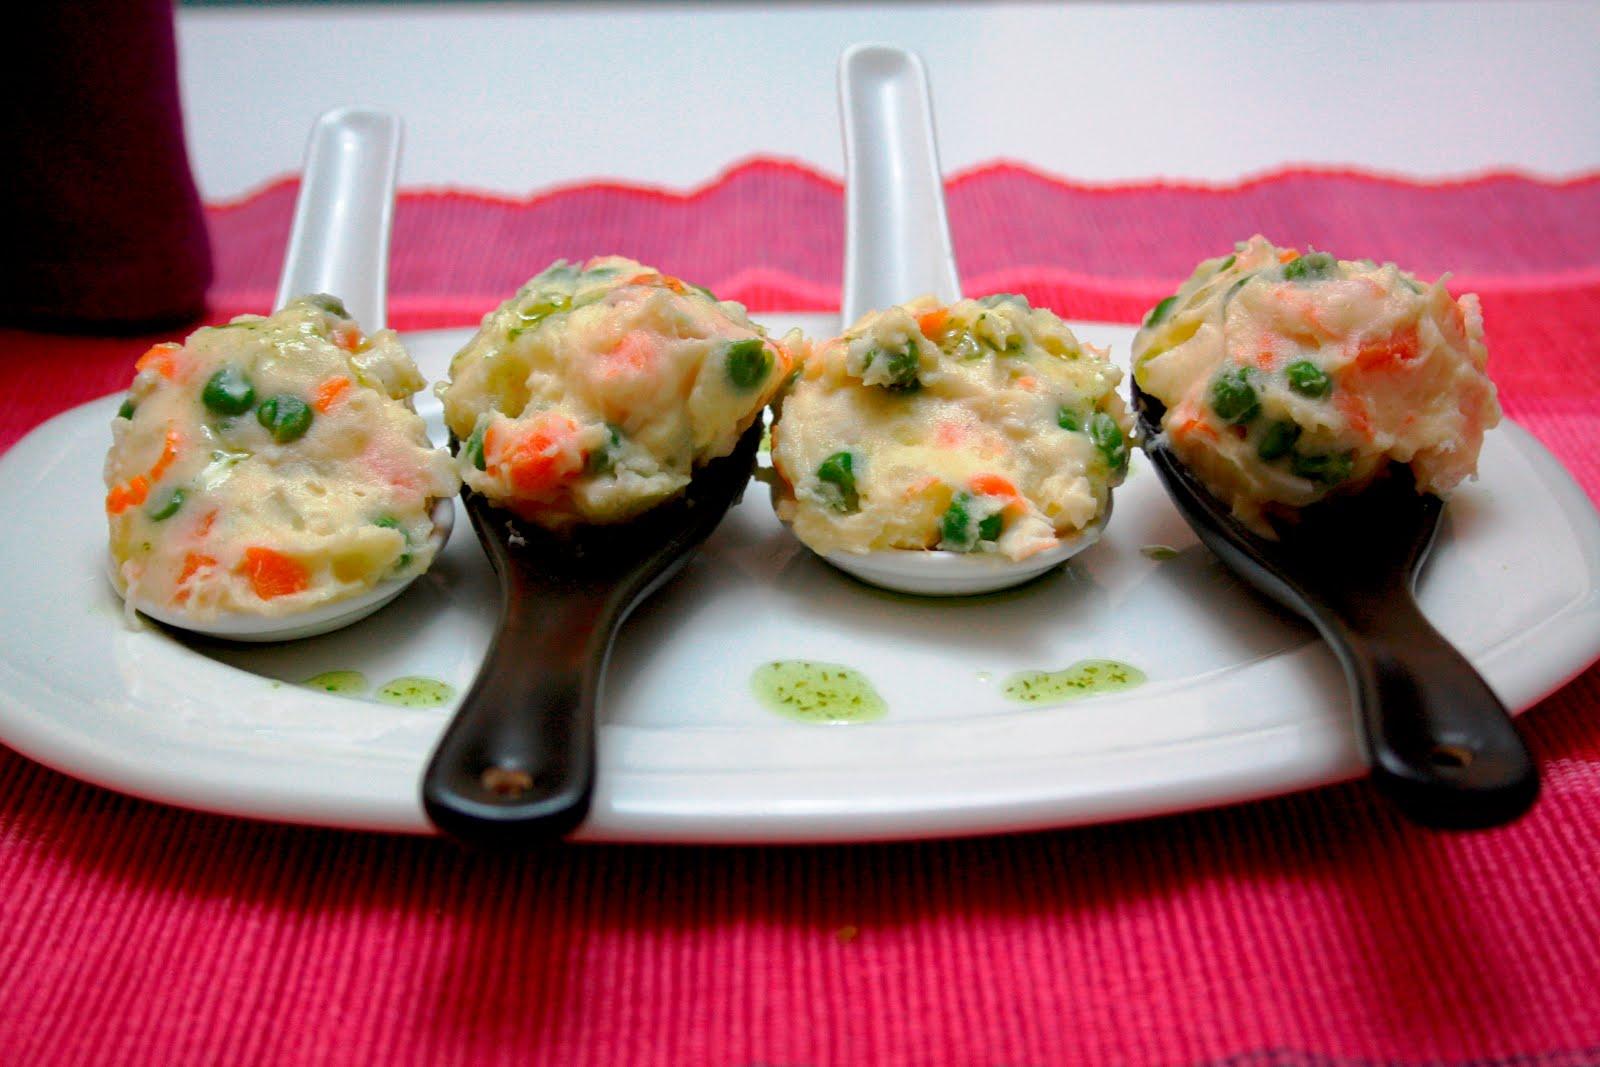 La cocina de maricarmen ensaladilla de gambas y huevo - Cocinas maricarmen ...